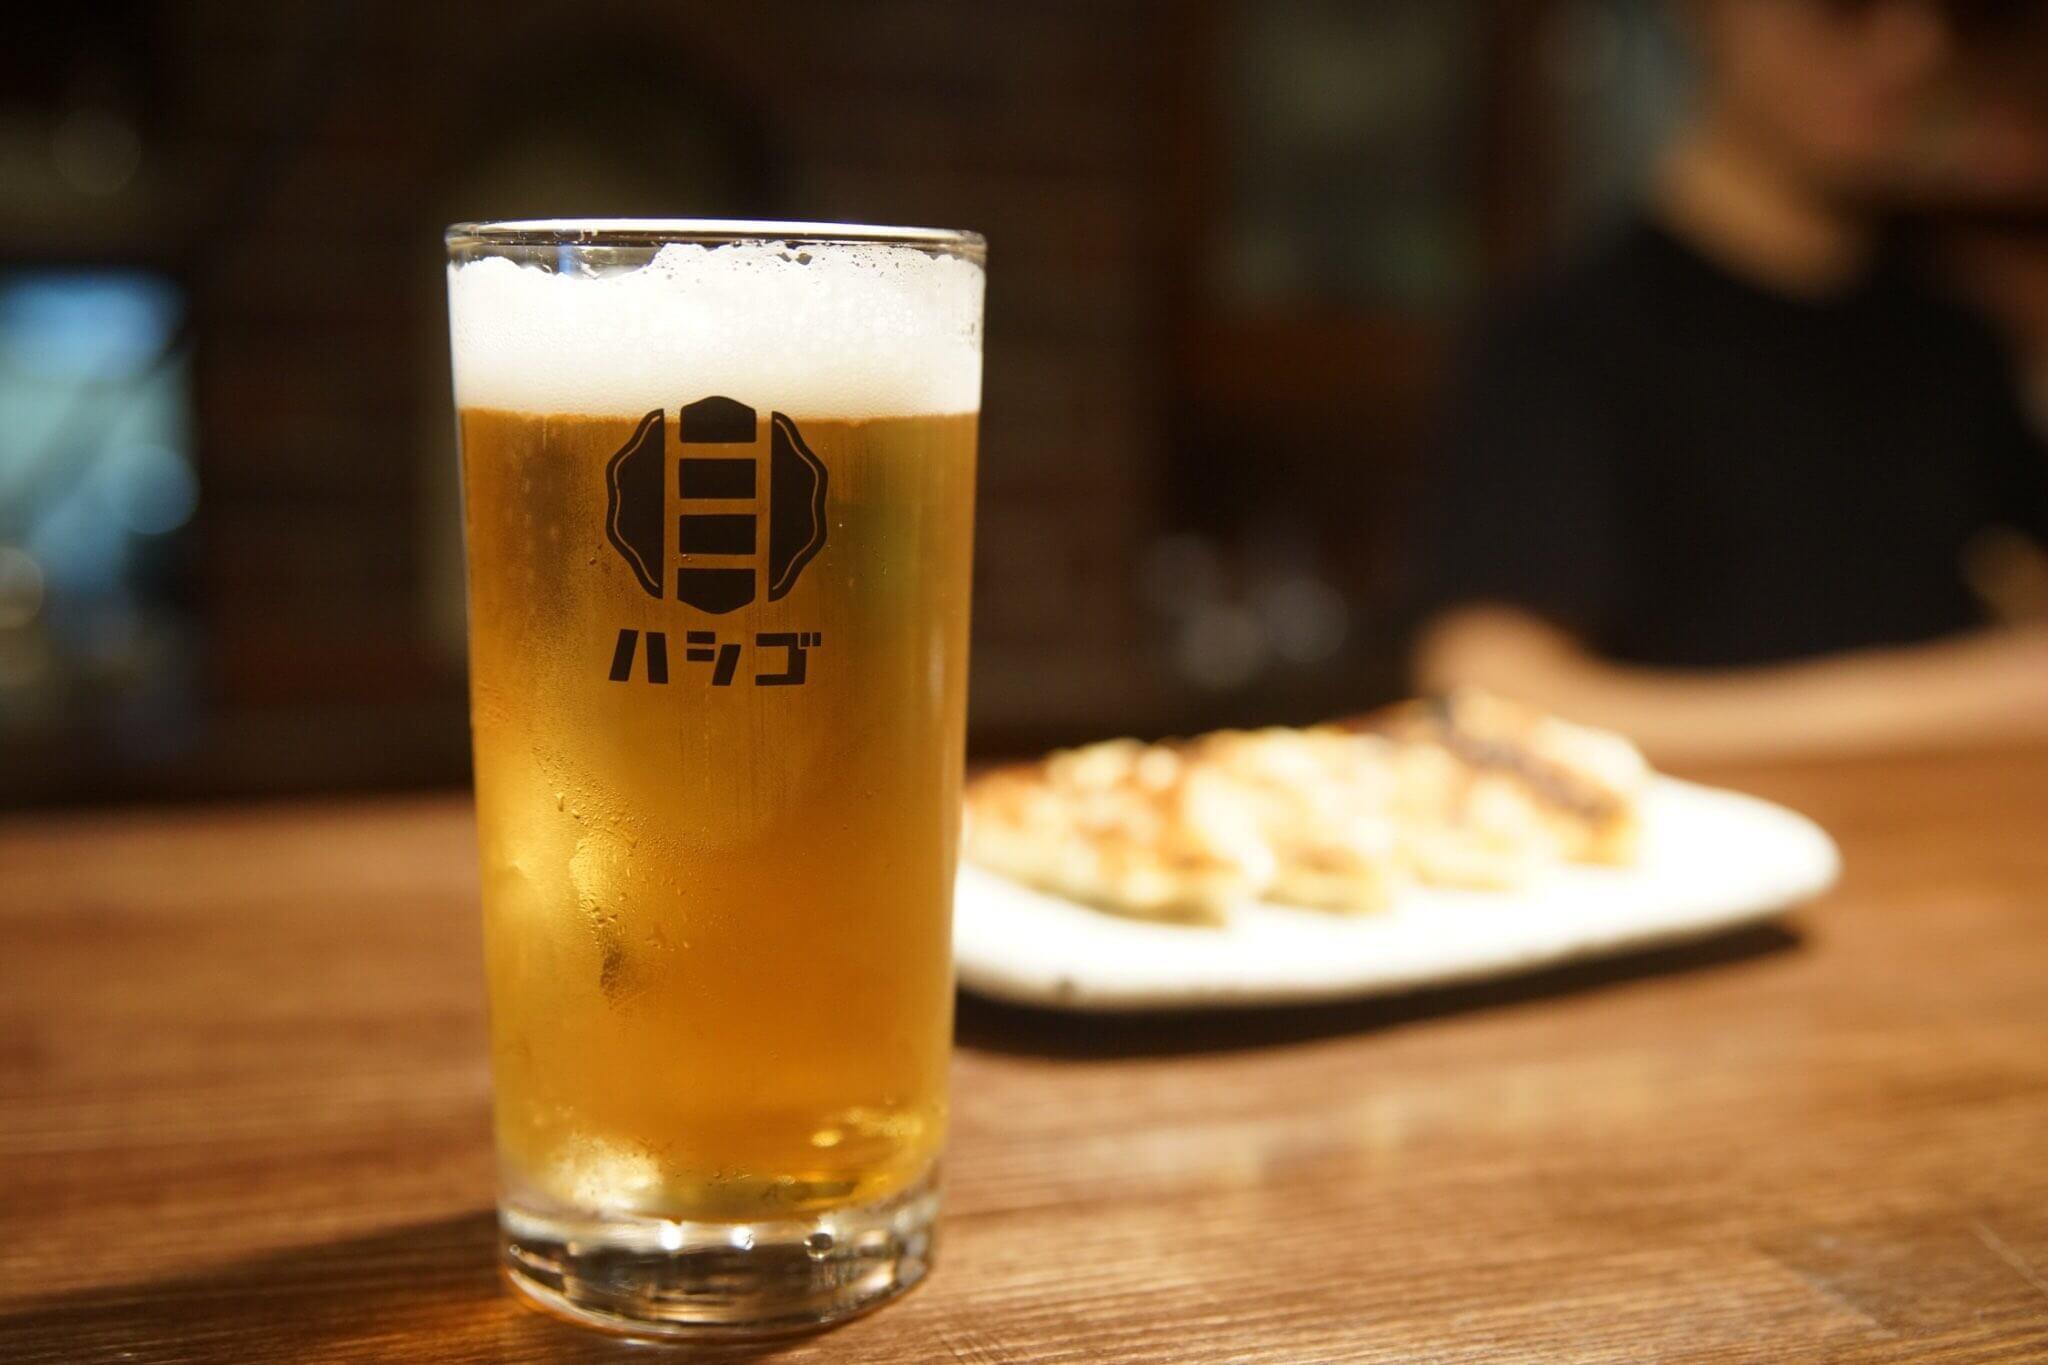 餃子バル ハシゴのビール